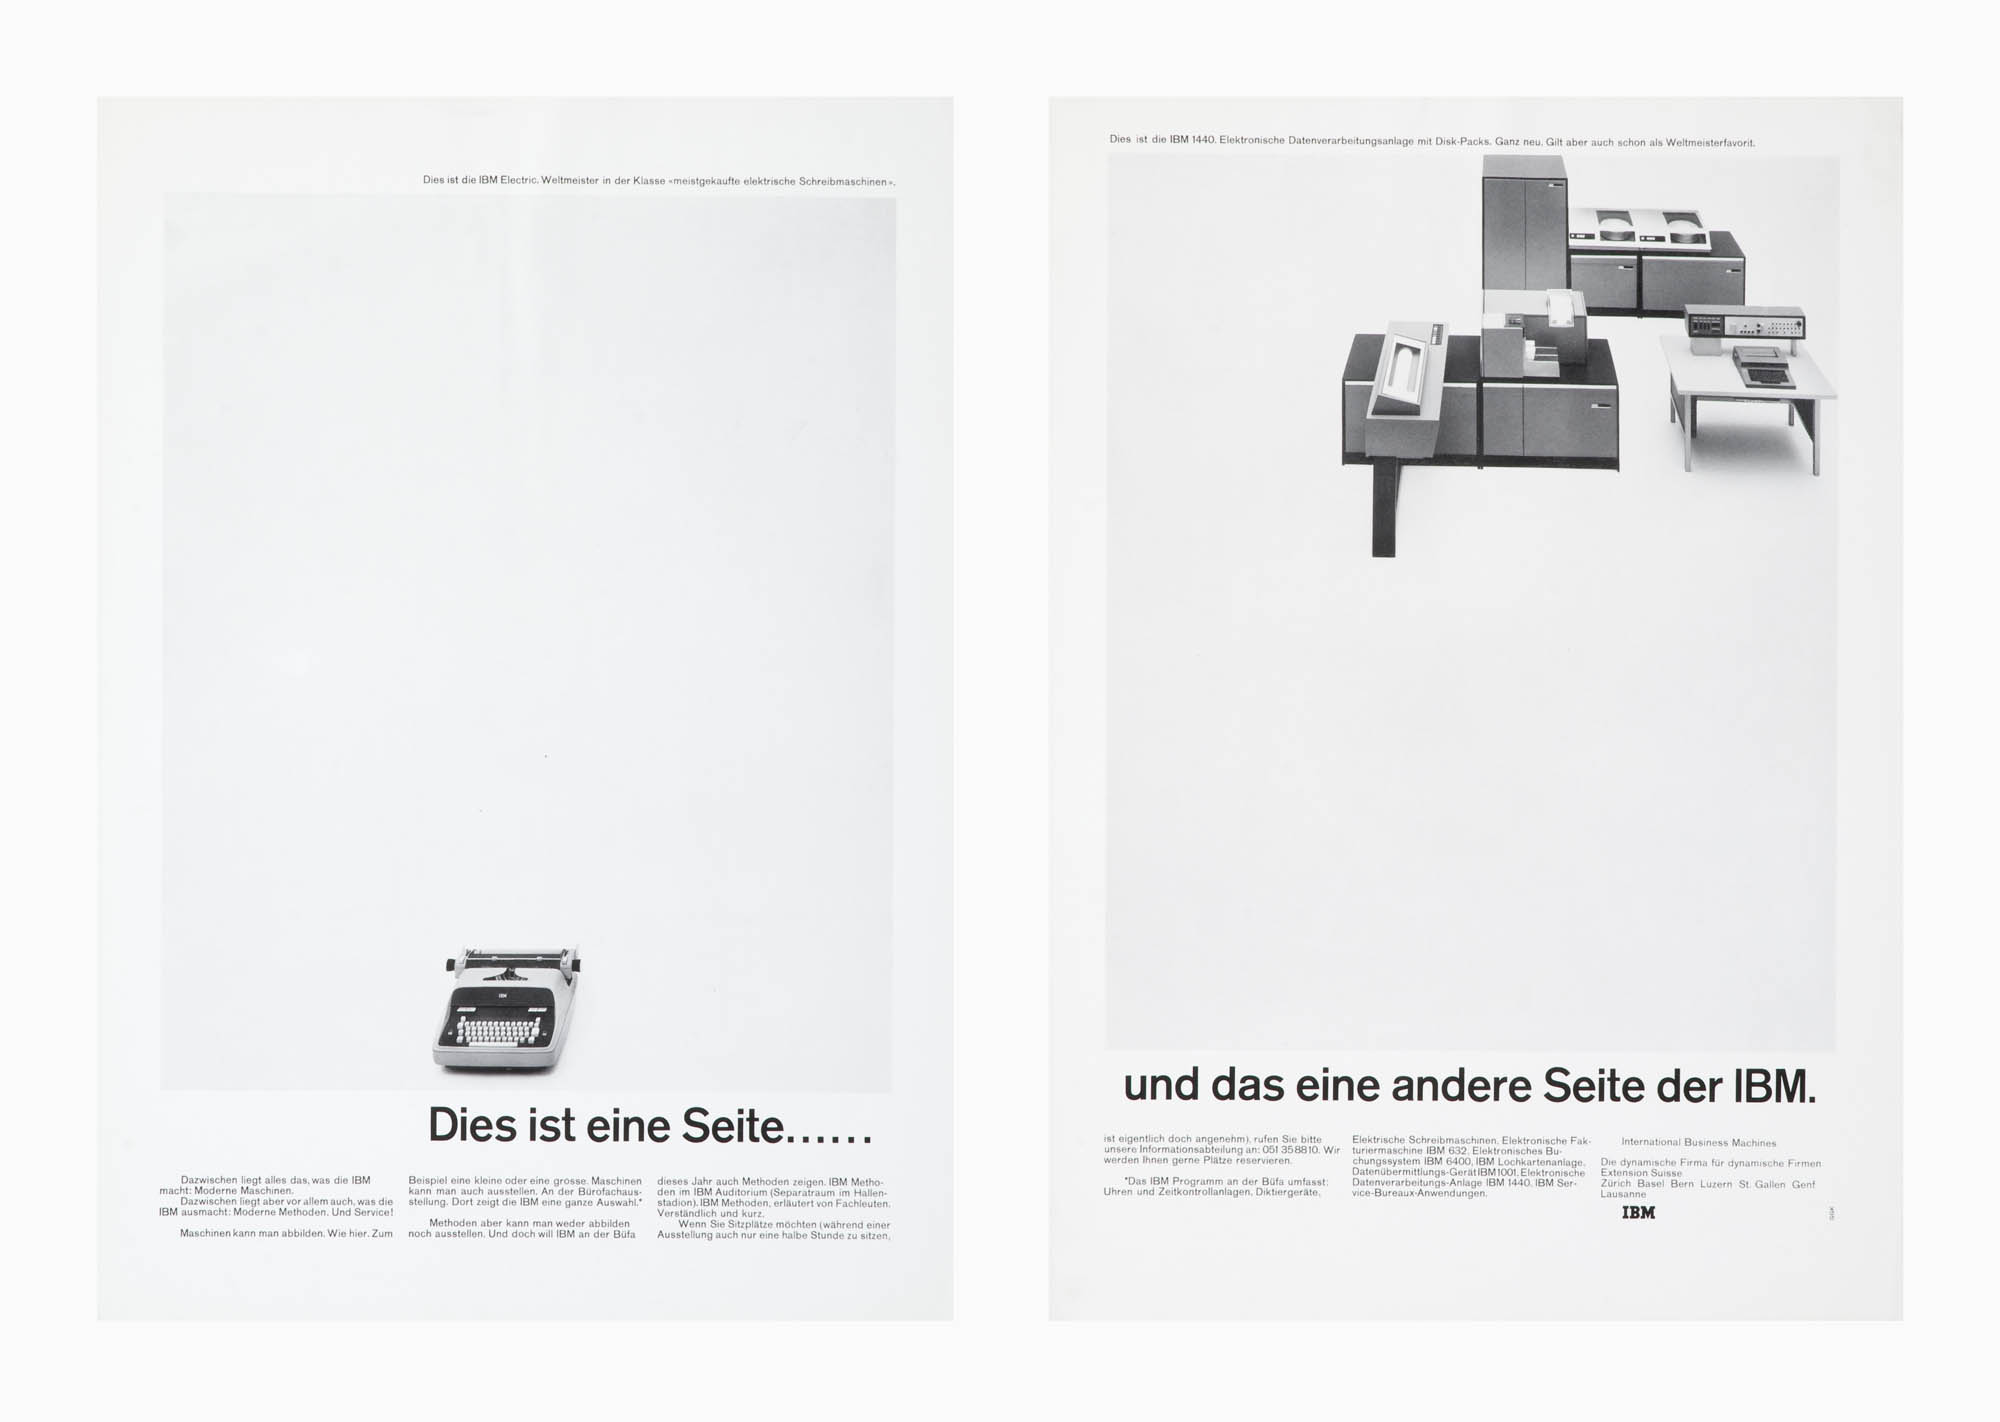 Warum konnten wir eine so schöne Schreibmaschine bauen? – Darum. – IBM Karl Gerstner Werbeinserat